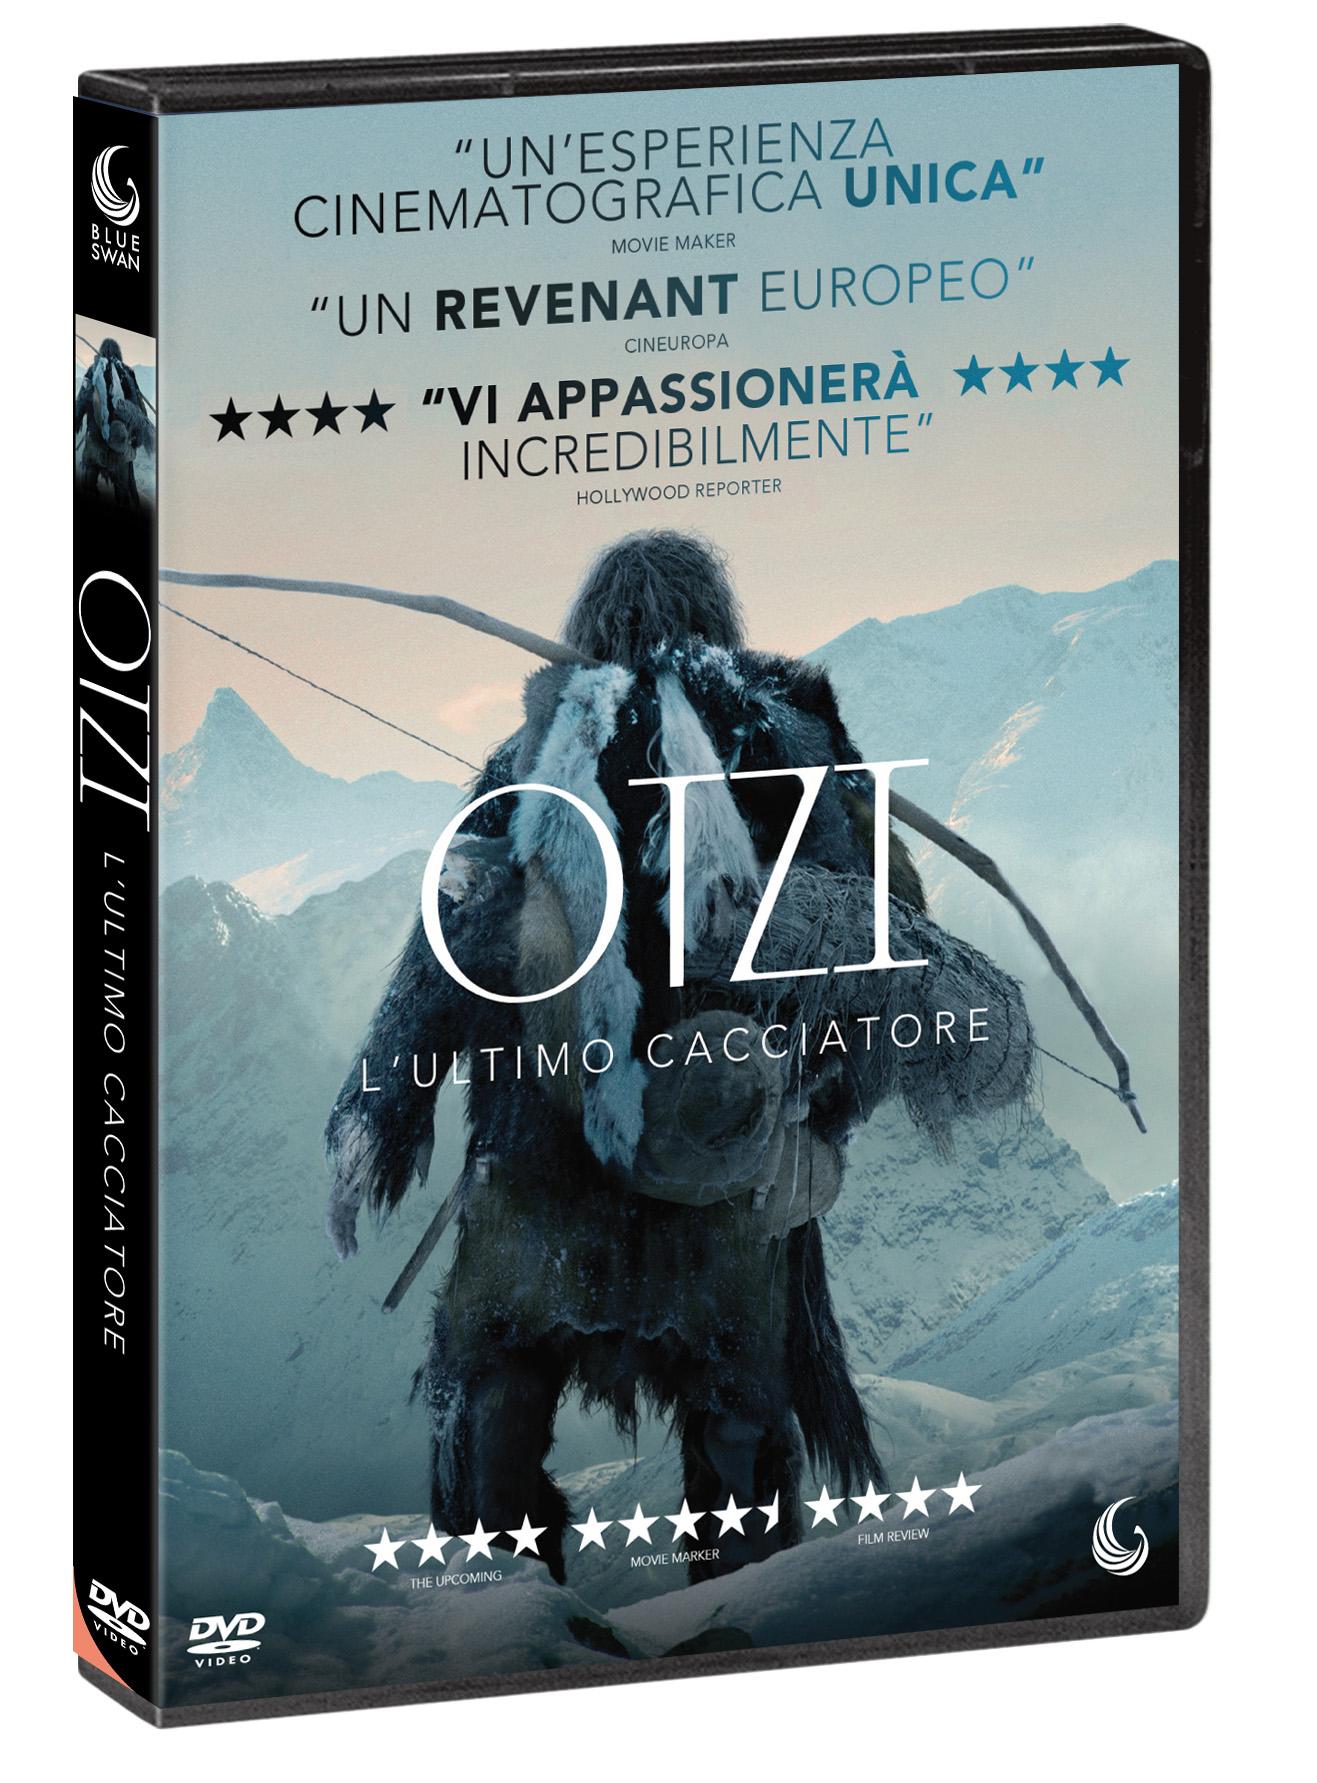 OTZI - L'ULTIMO CACCIATORE (DVD)